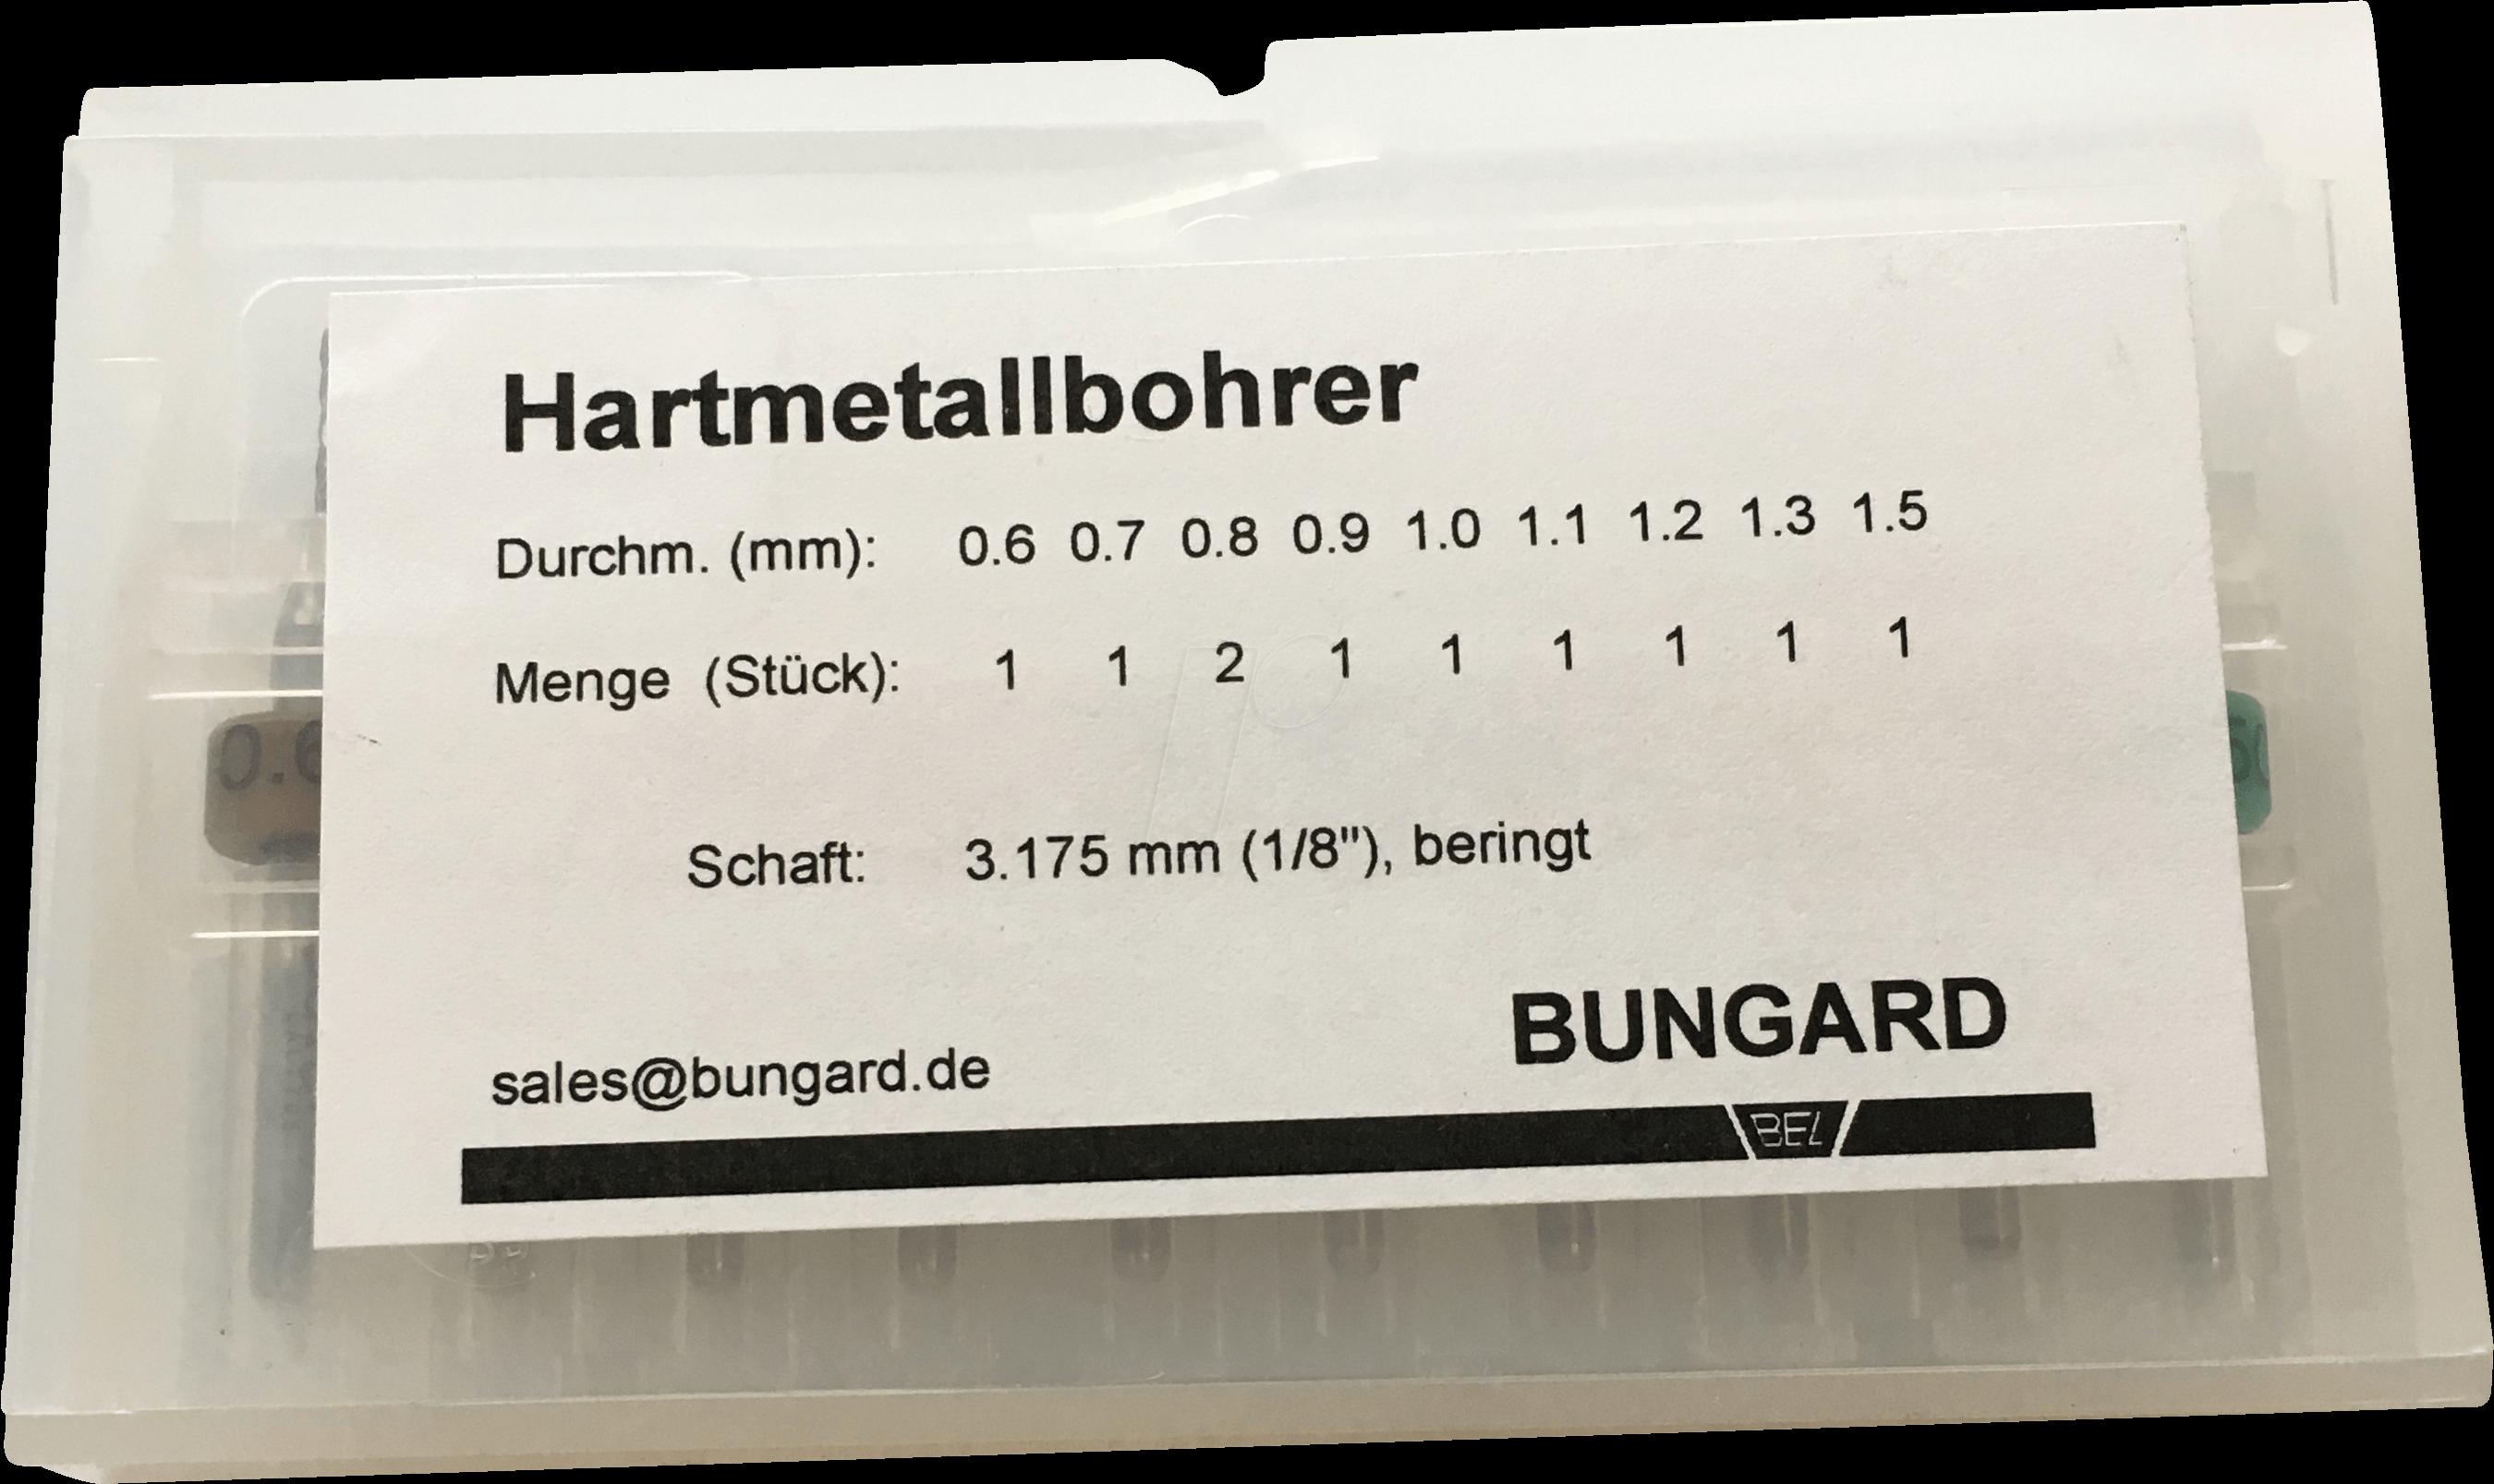 https://cdn-reichelt.de/bilder/web/xxl_ws/D300/BOHRERSET_02.png